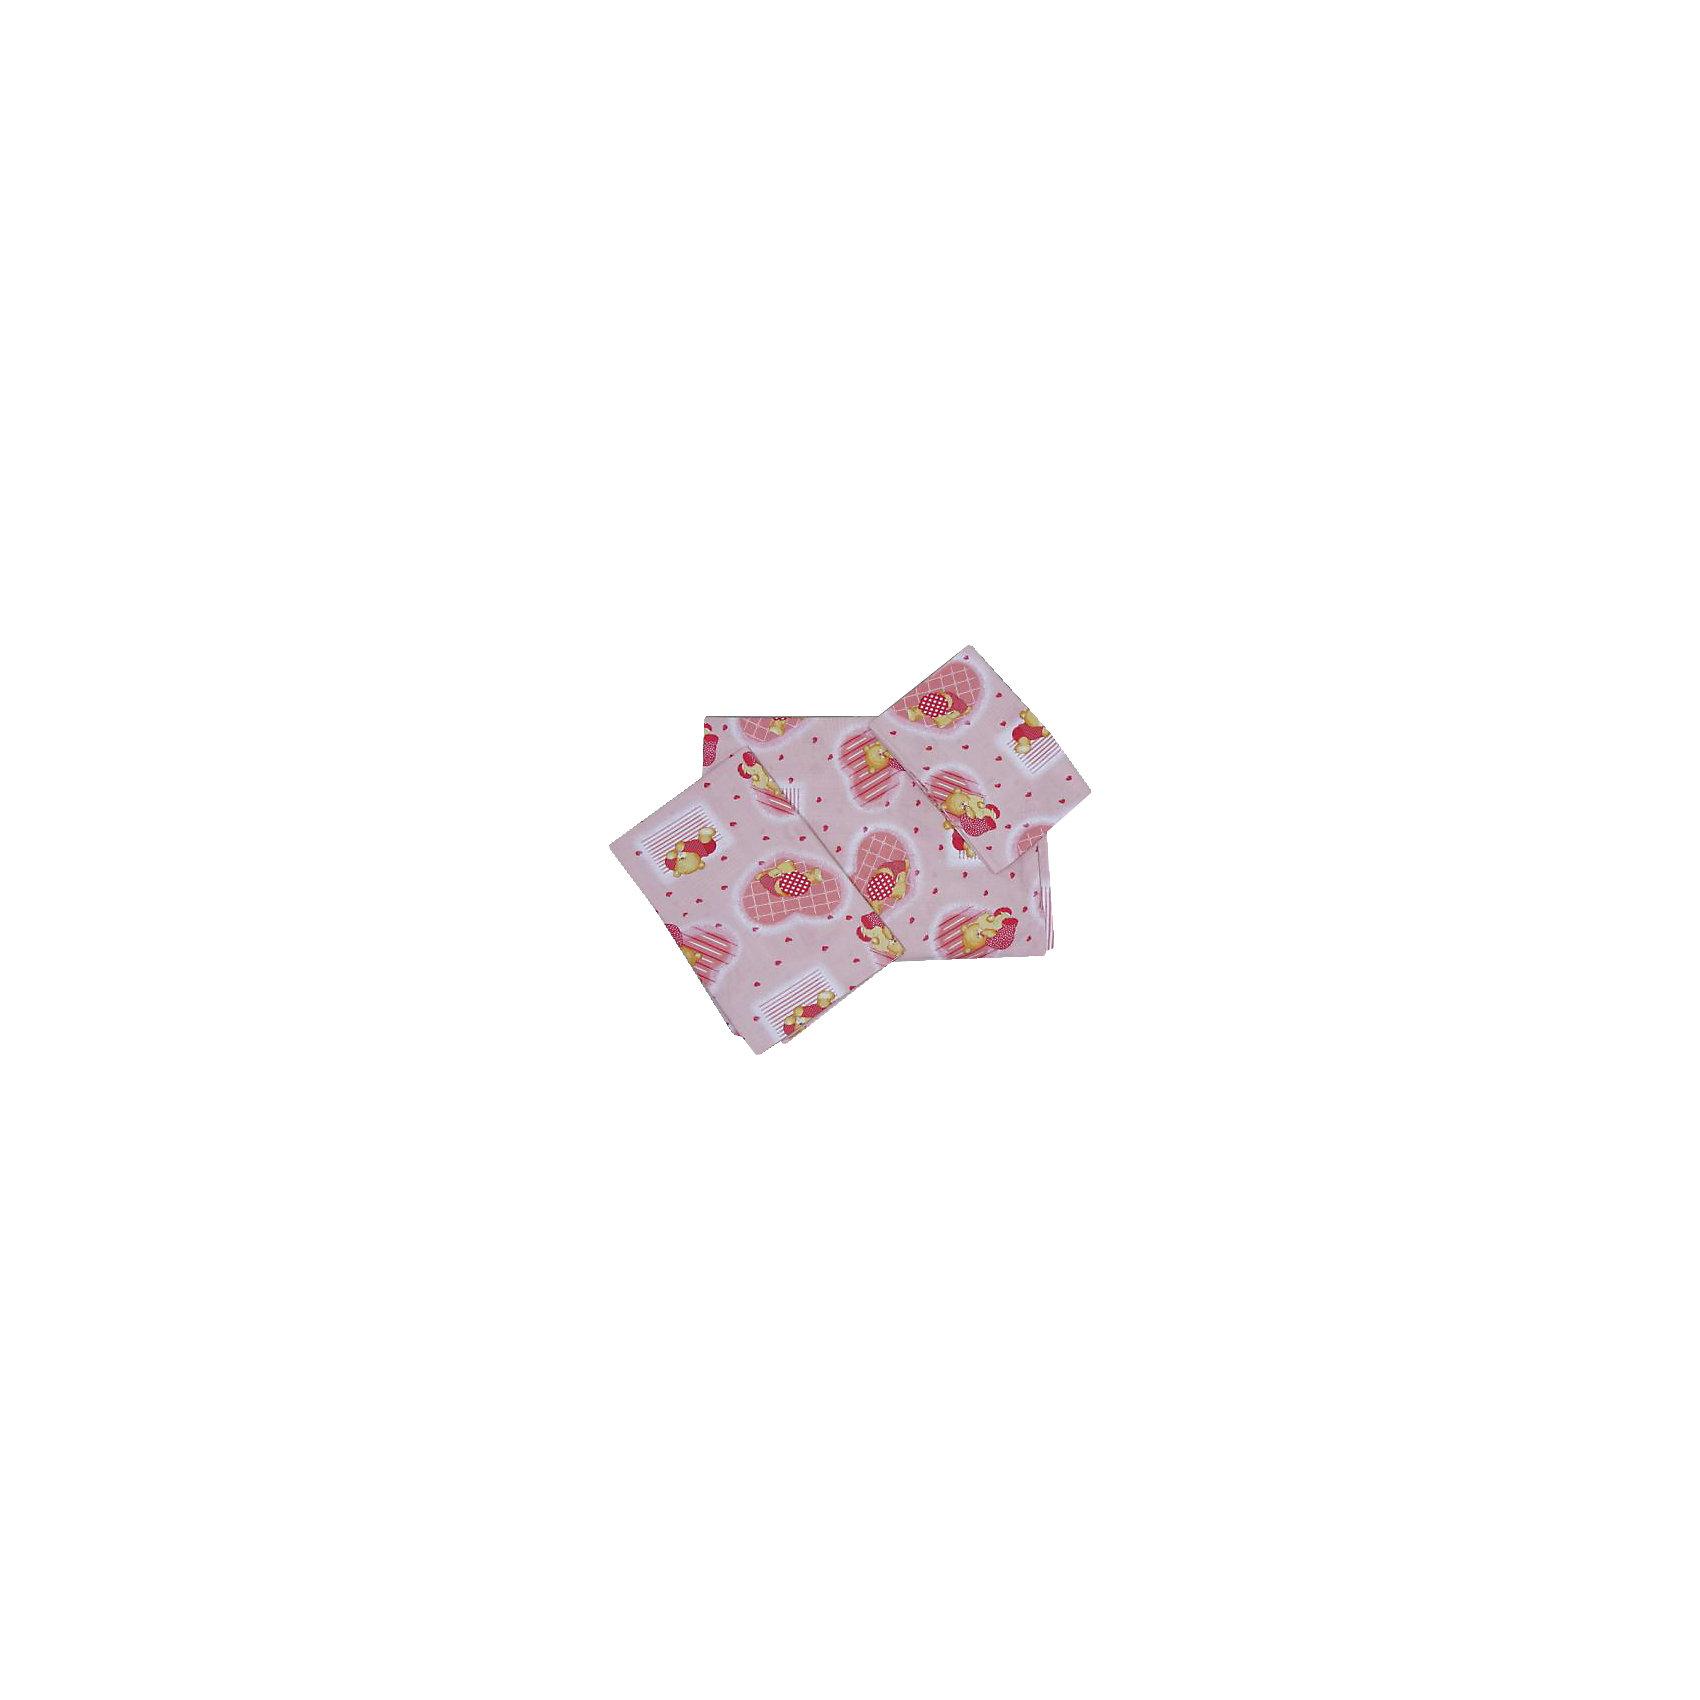 Наволочка Мишки 40х60 Фея, розовыйНаволочка выполнена из высококачественного гипоаллергенного материала приятного к телу и безопасного для детей. Изделие имеет приятную расцветку, декорировано милым принтом: может подойти к белью различной расцветки. <br><br>Дополнительная информация:<br><br>- Материал: хлопок 100%.<br>- Размер: 40х60 см. <br>- Цвет: розовый.<br>- Декоративные элементы: принт.<br><br>Наволочку Мишки 40х60 Фея, розовую, можно купить в нашем магазине.<br><br>Ширина мм: 300<br>Глубина мм: 400<br>Высота мм: 50<br>Вес г: 600<br>Возраст от месяцев: 0<br>Возраст до месяцев: 36<br>Пол: Женский<br>Возраст: Детский<br>SKU: 4067728